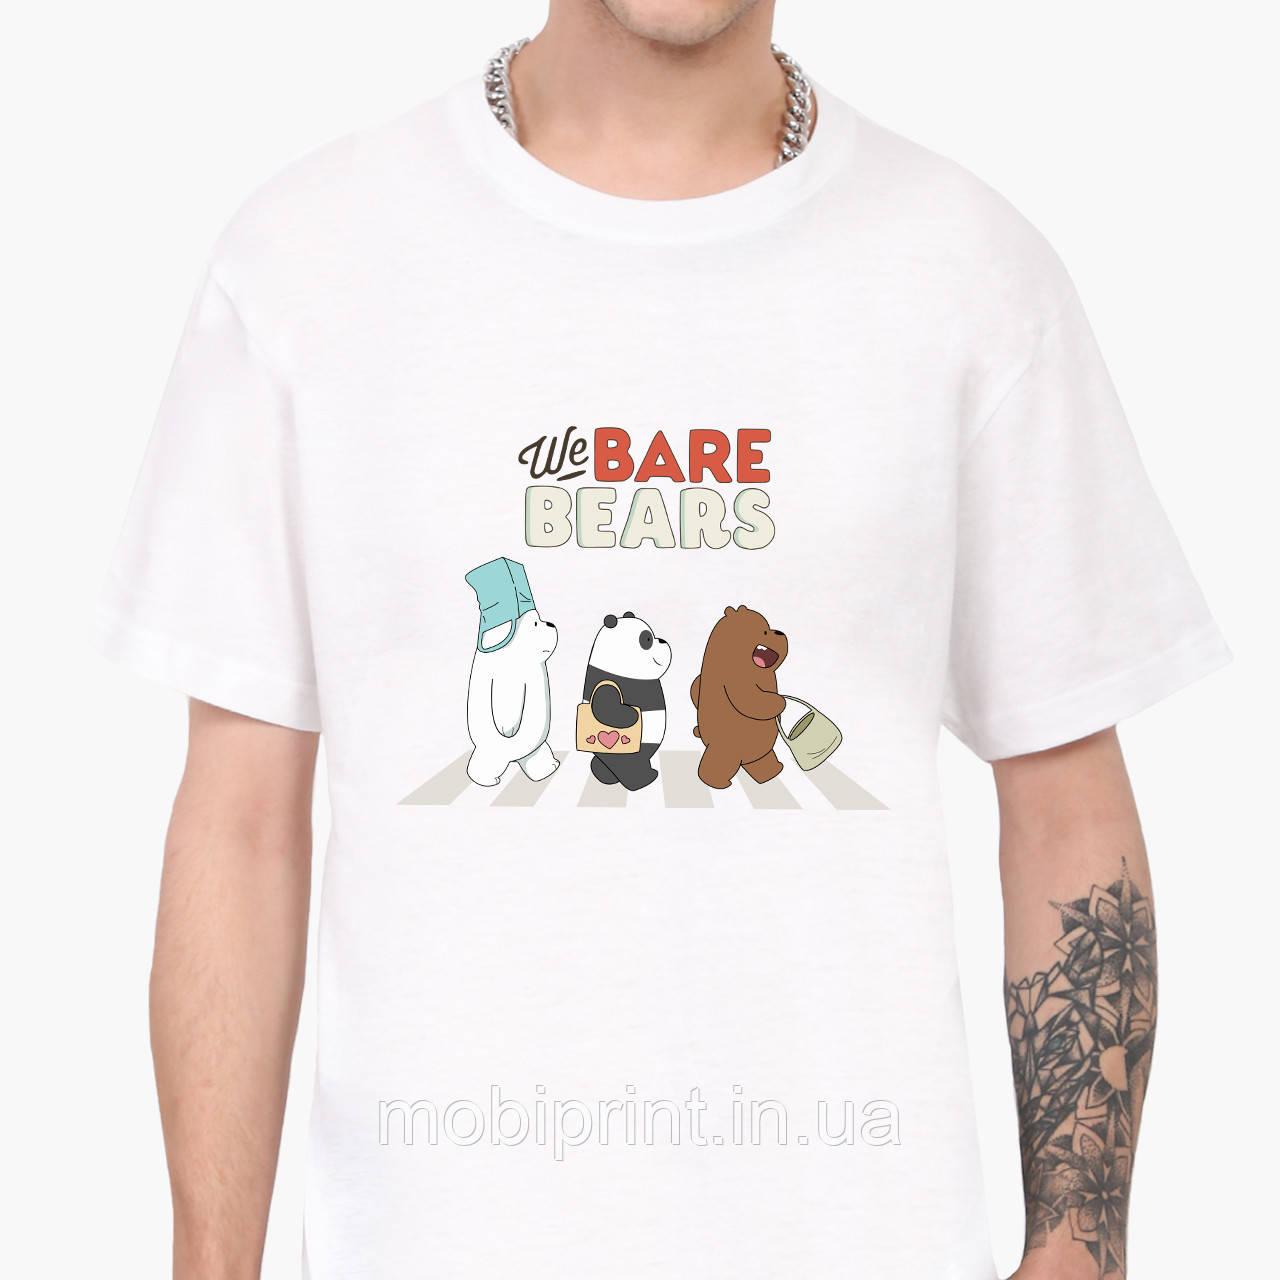 Футболка чоловіча Вся правда про ведмедів (We Bare Bears) Білий (9223-2666)